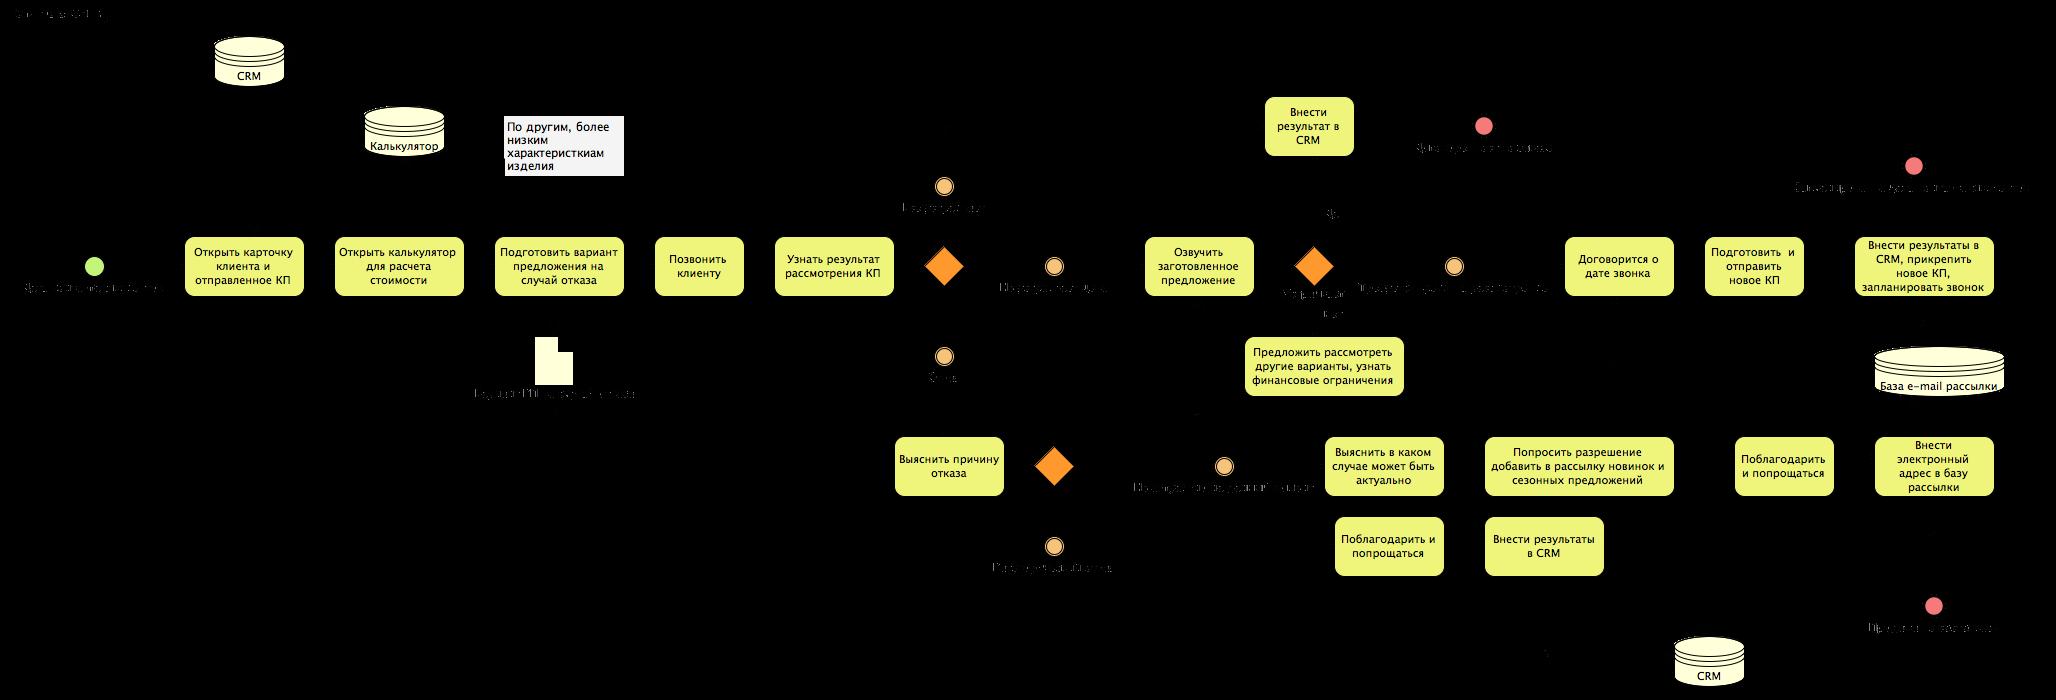 BPMN 2.0 Из чего состоит модель бизнес процесса